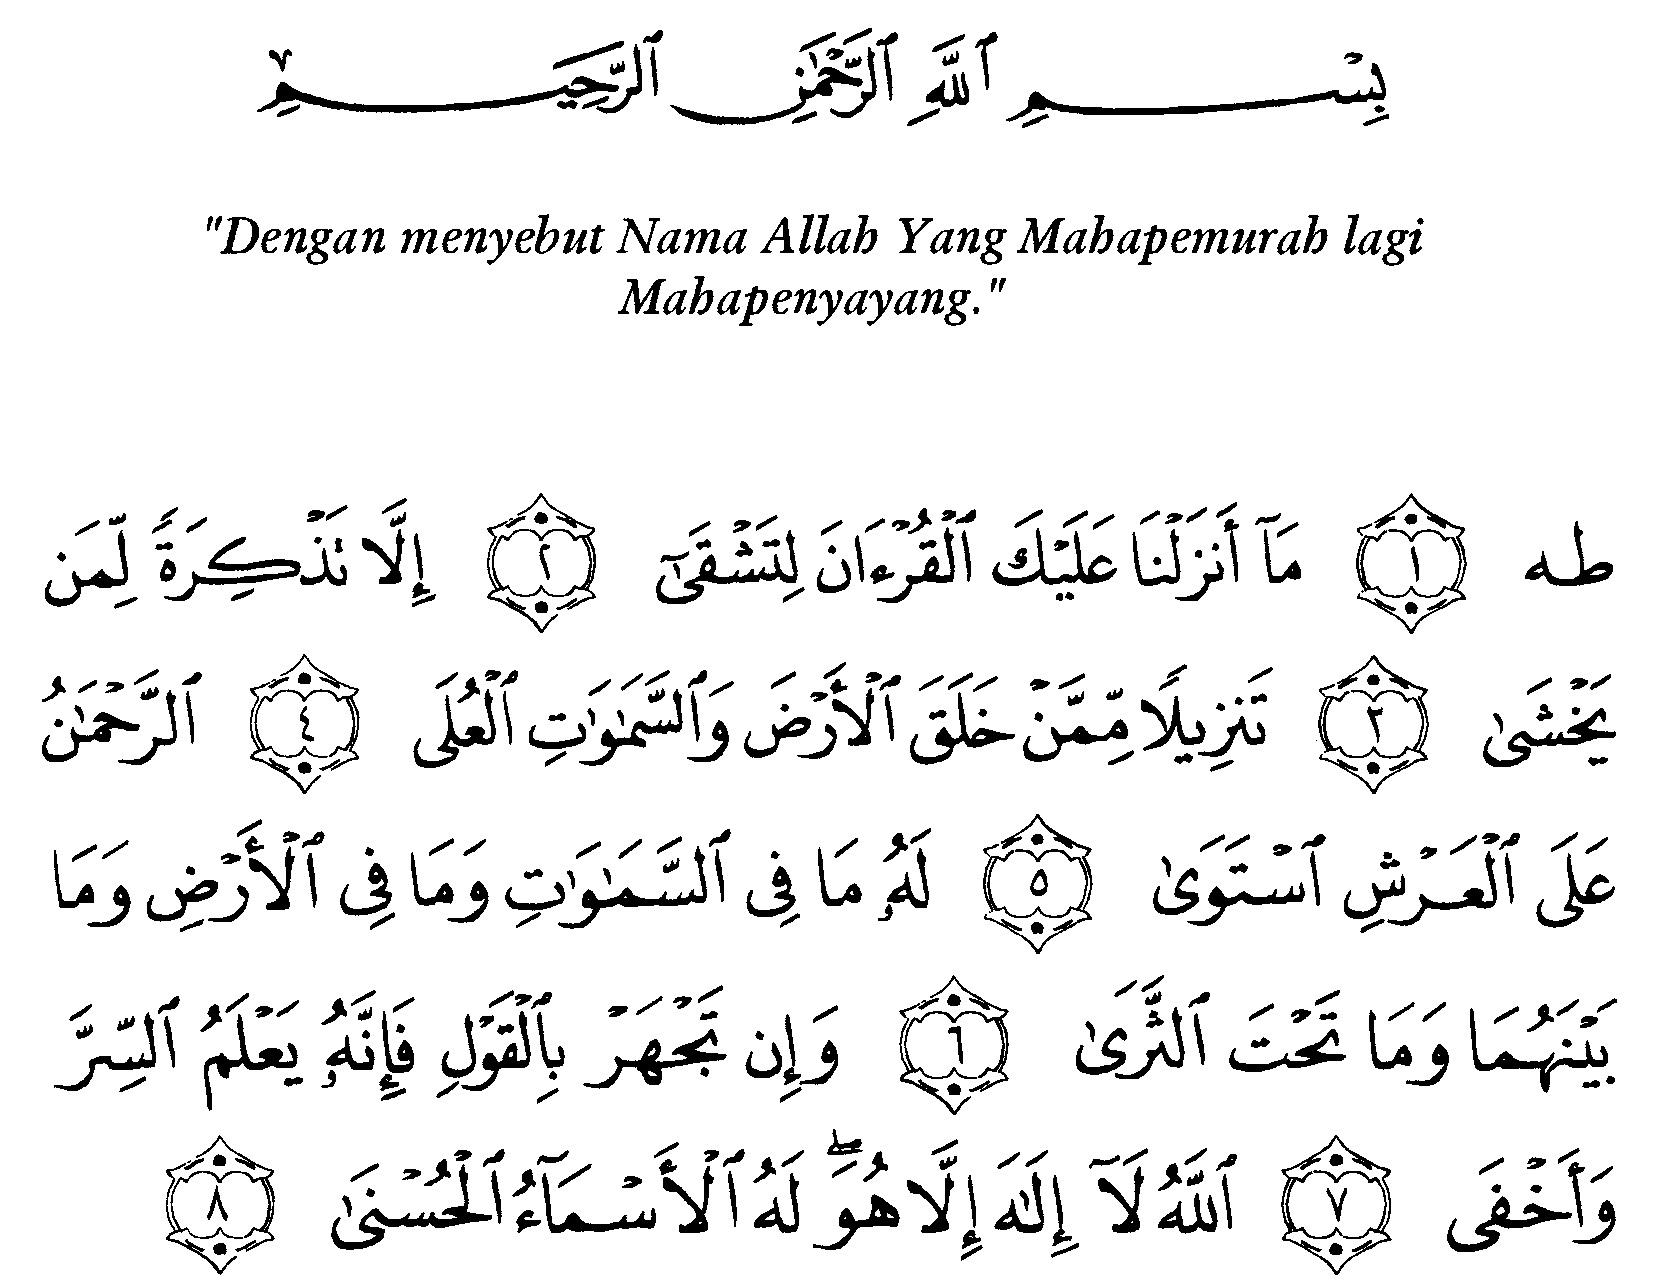 Tafsir Ibnu Katsir Surah Thaahaa Ayat 1 8 Alquranmulia